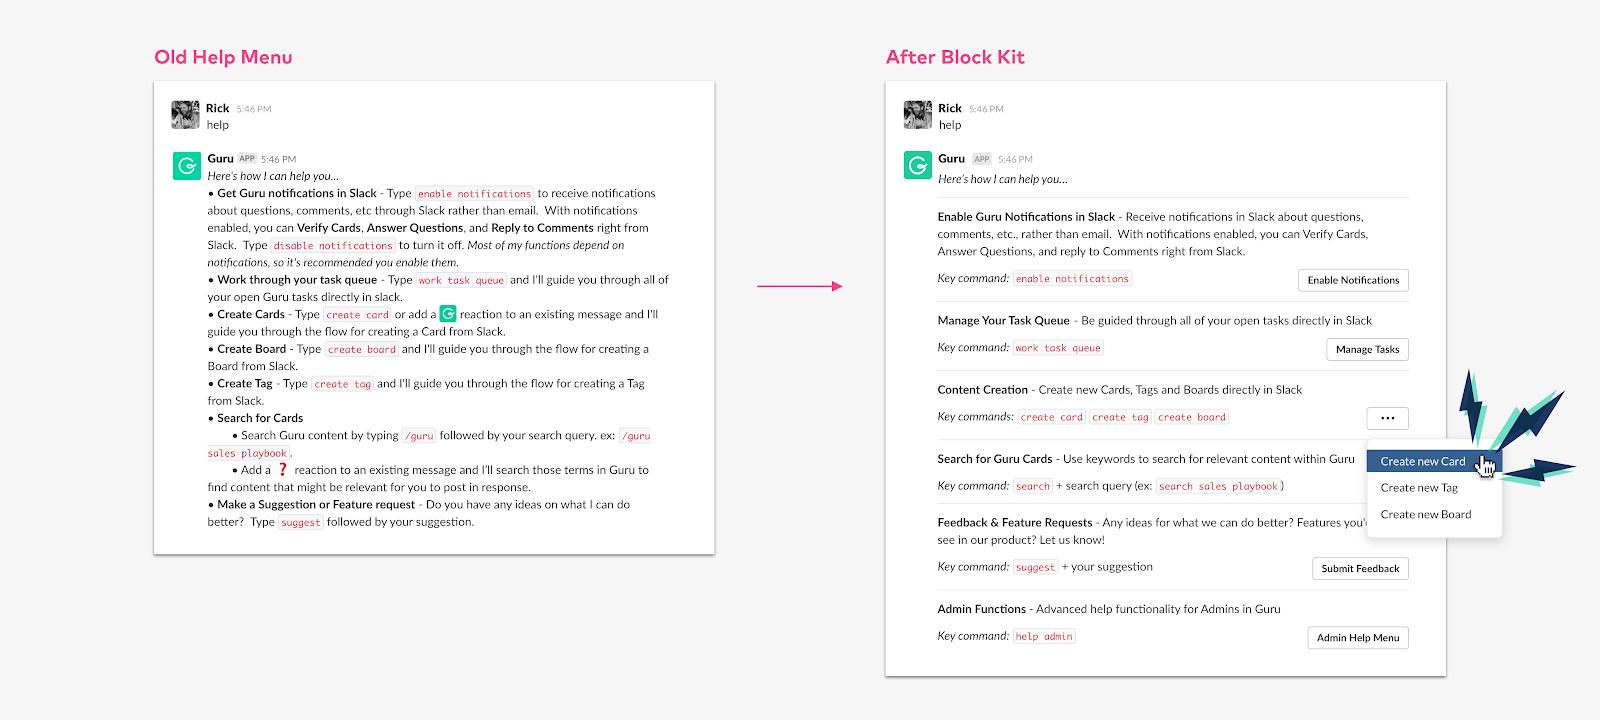 Guru help menu in Slack